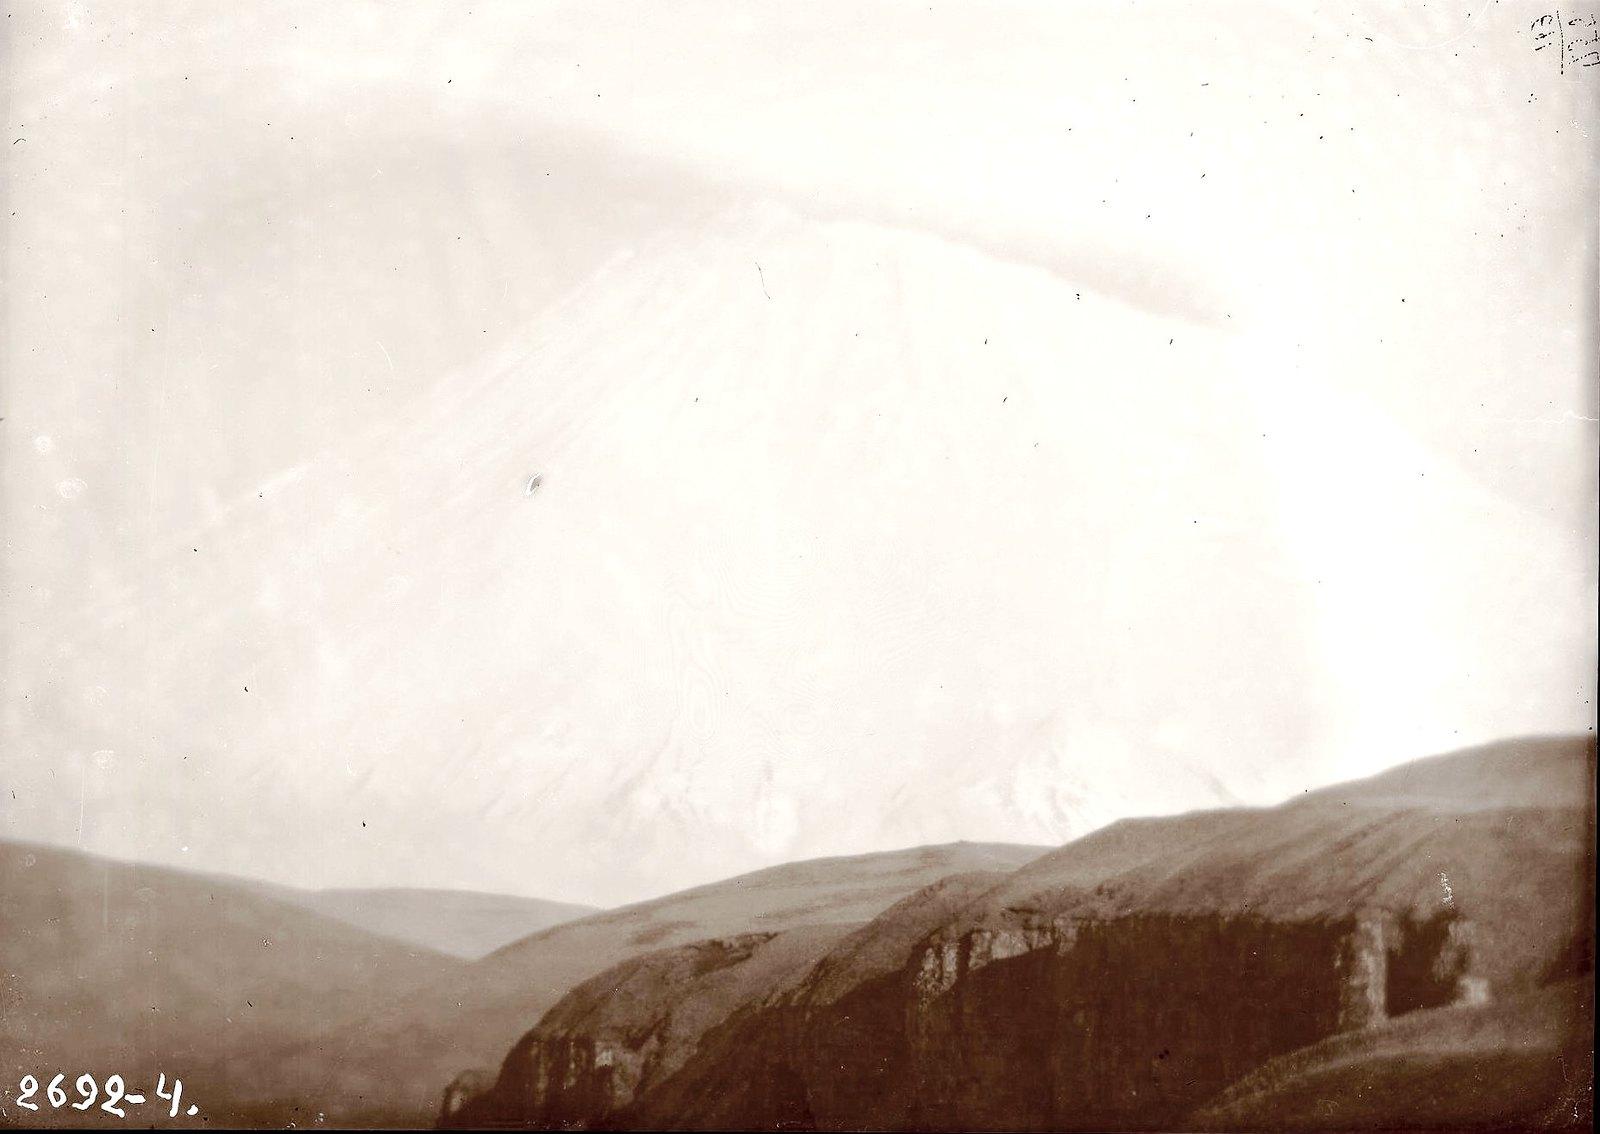 1909. Гора, покрытая снегом. Алеутские острова, Умнак остров, с. Никольское. 19 октября